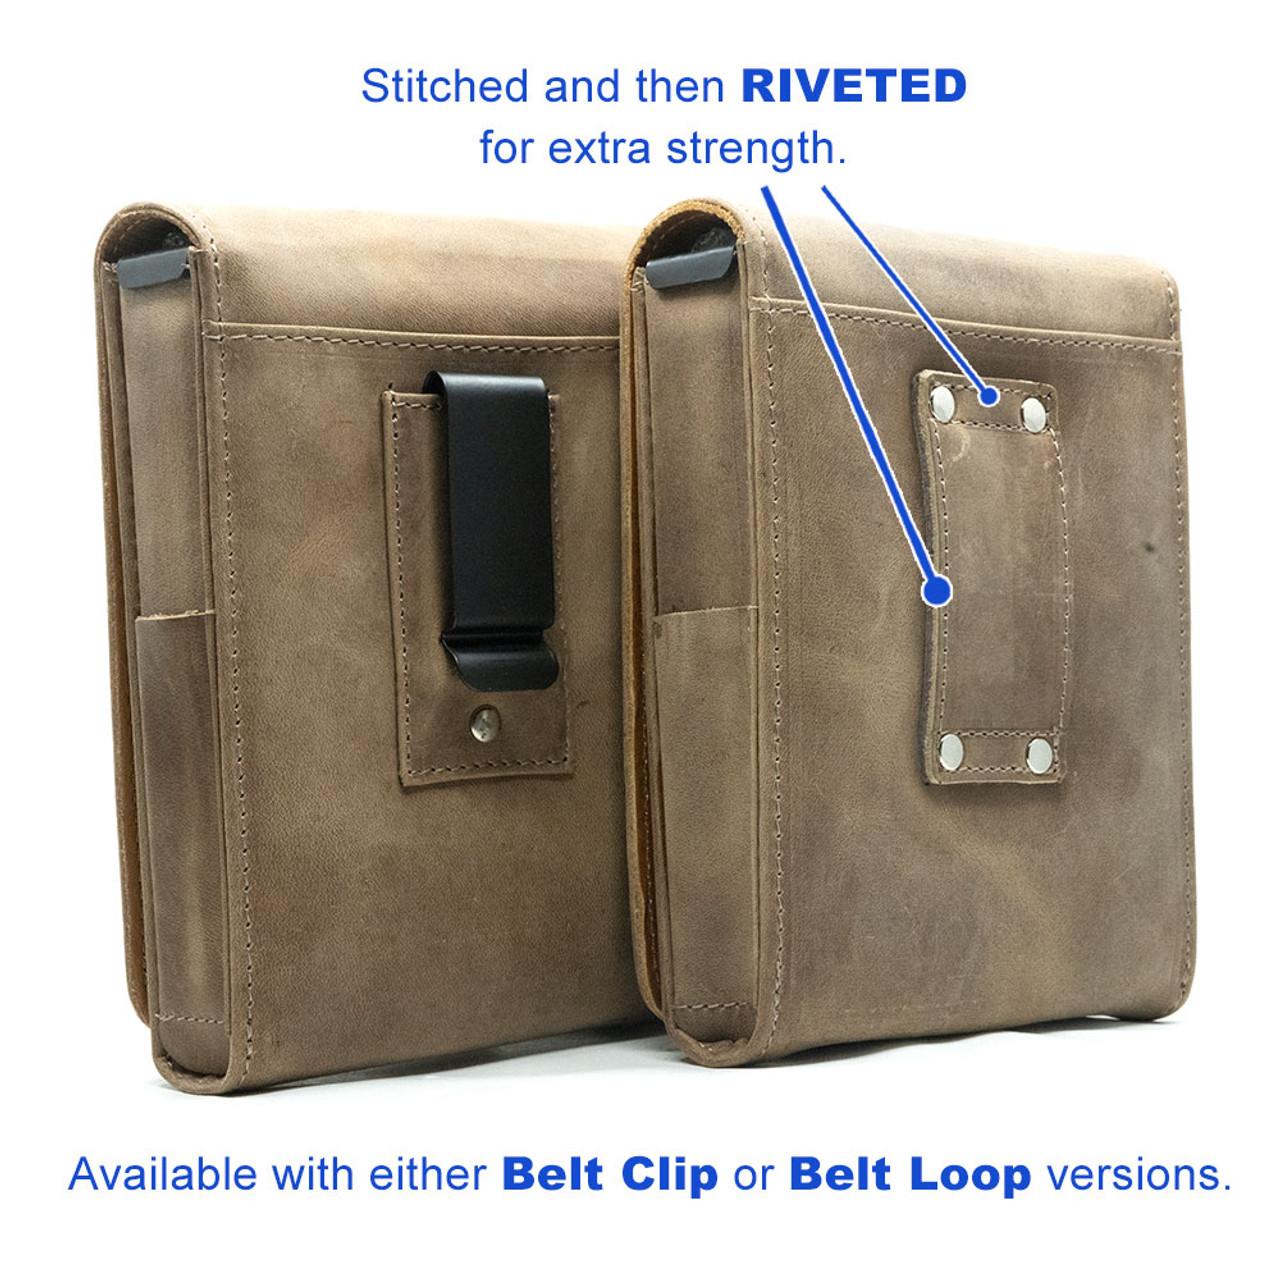 CZ 2075 Rami Belt Clip Holster